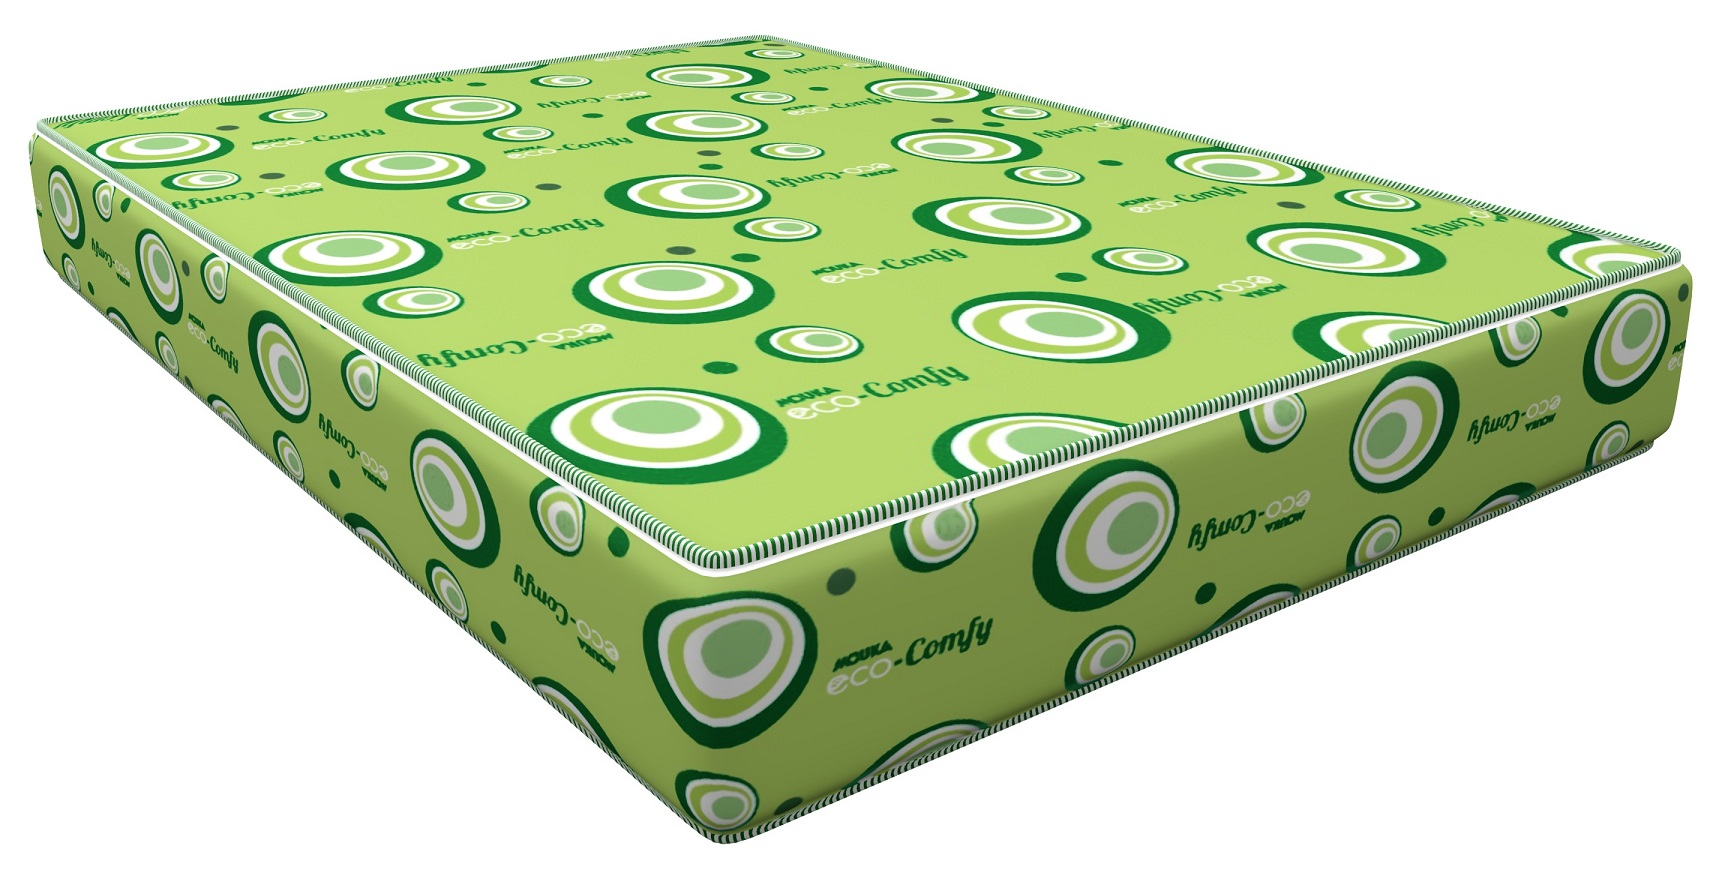 Eco-Comfy fibre mattress